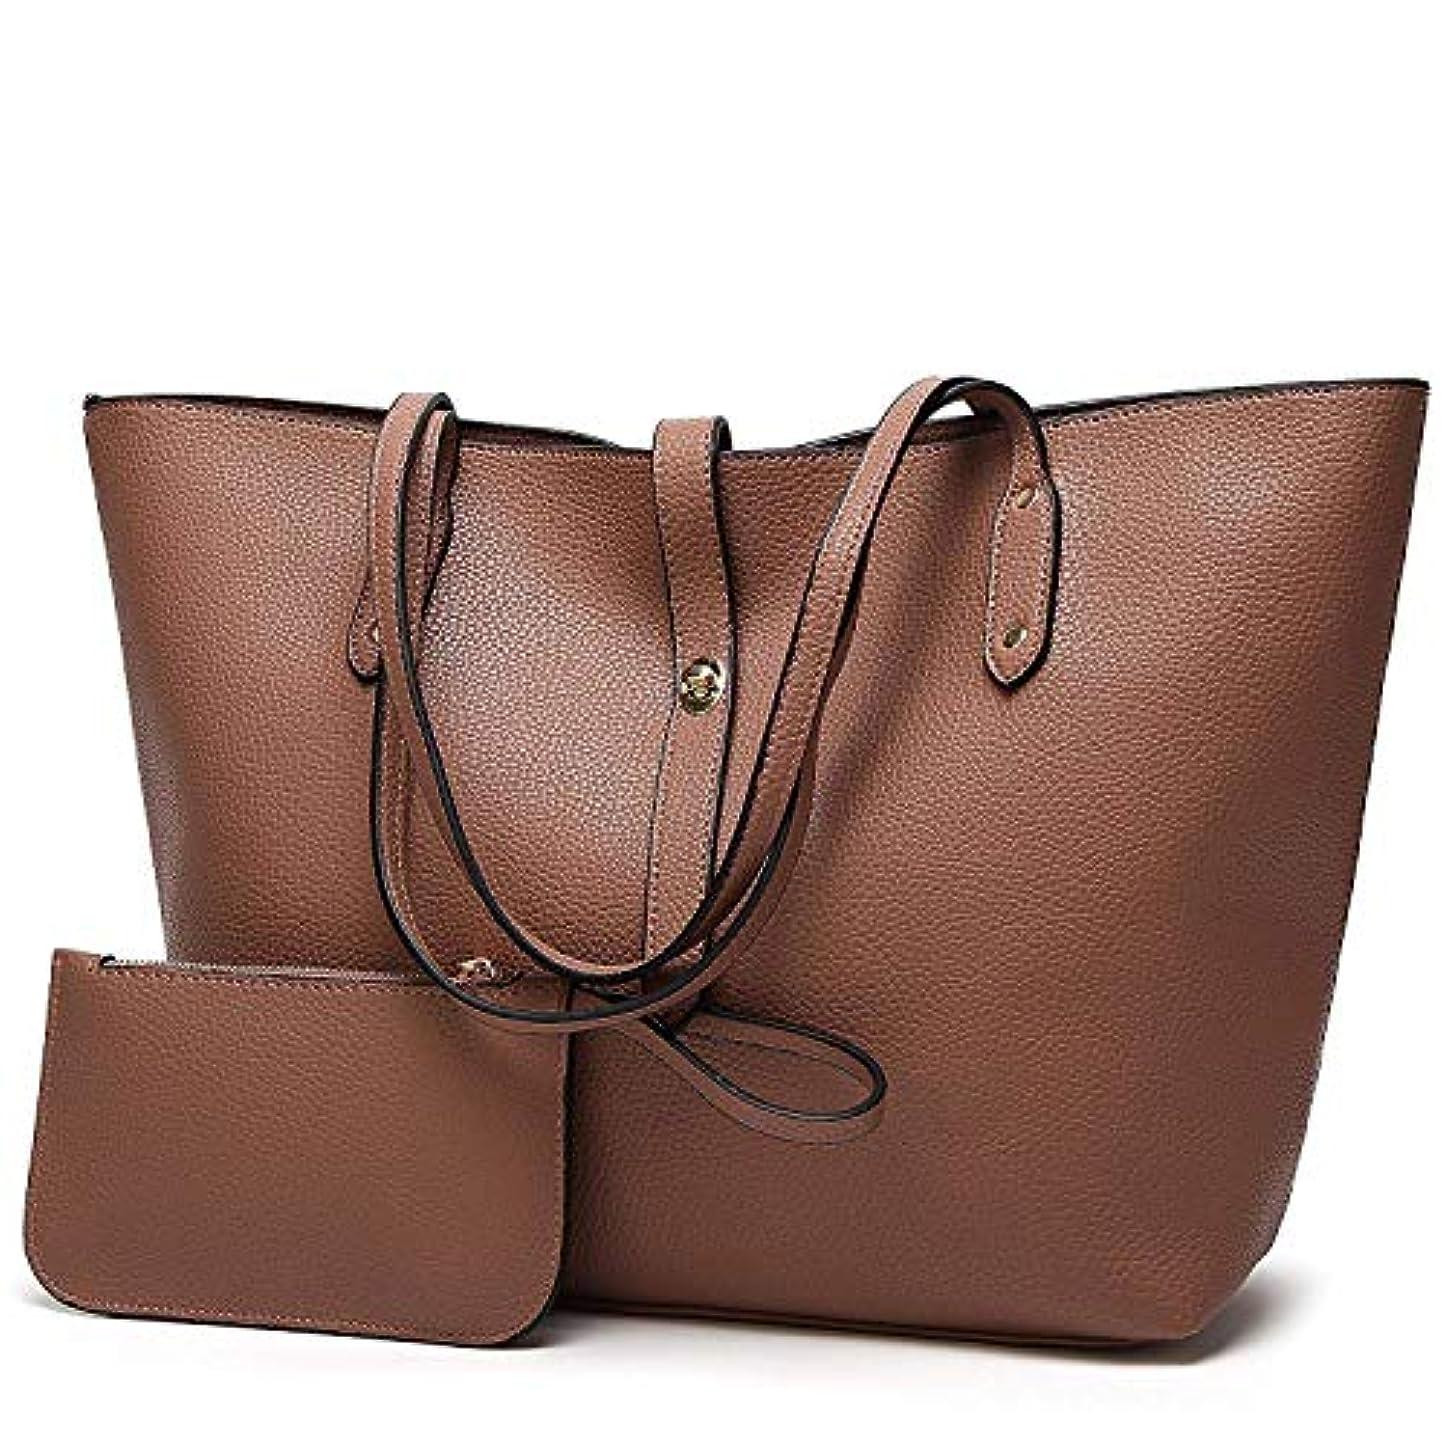 自分のために忘れる選ぶ[TcIFE] ハンドバッグ レディース トートバッグ 大容量 無地 ショルダーバッグ 2way 財布とハンドバッグ